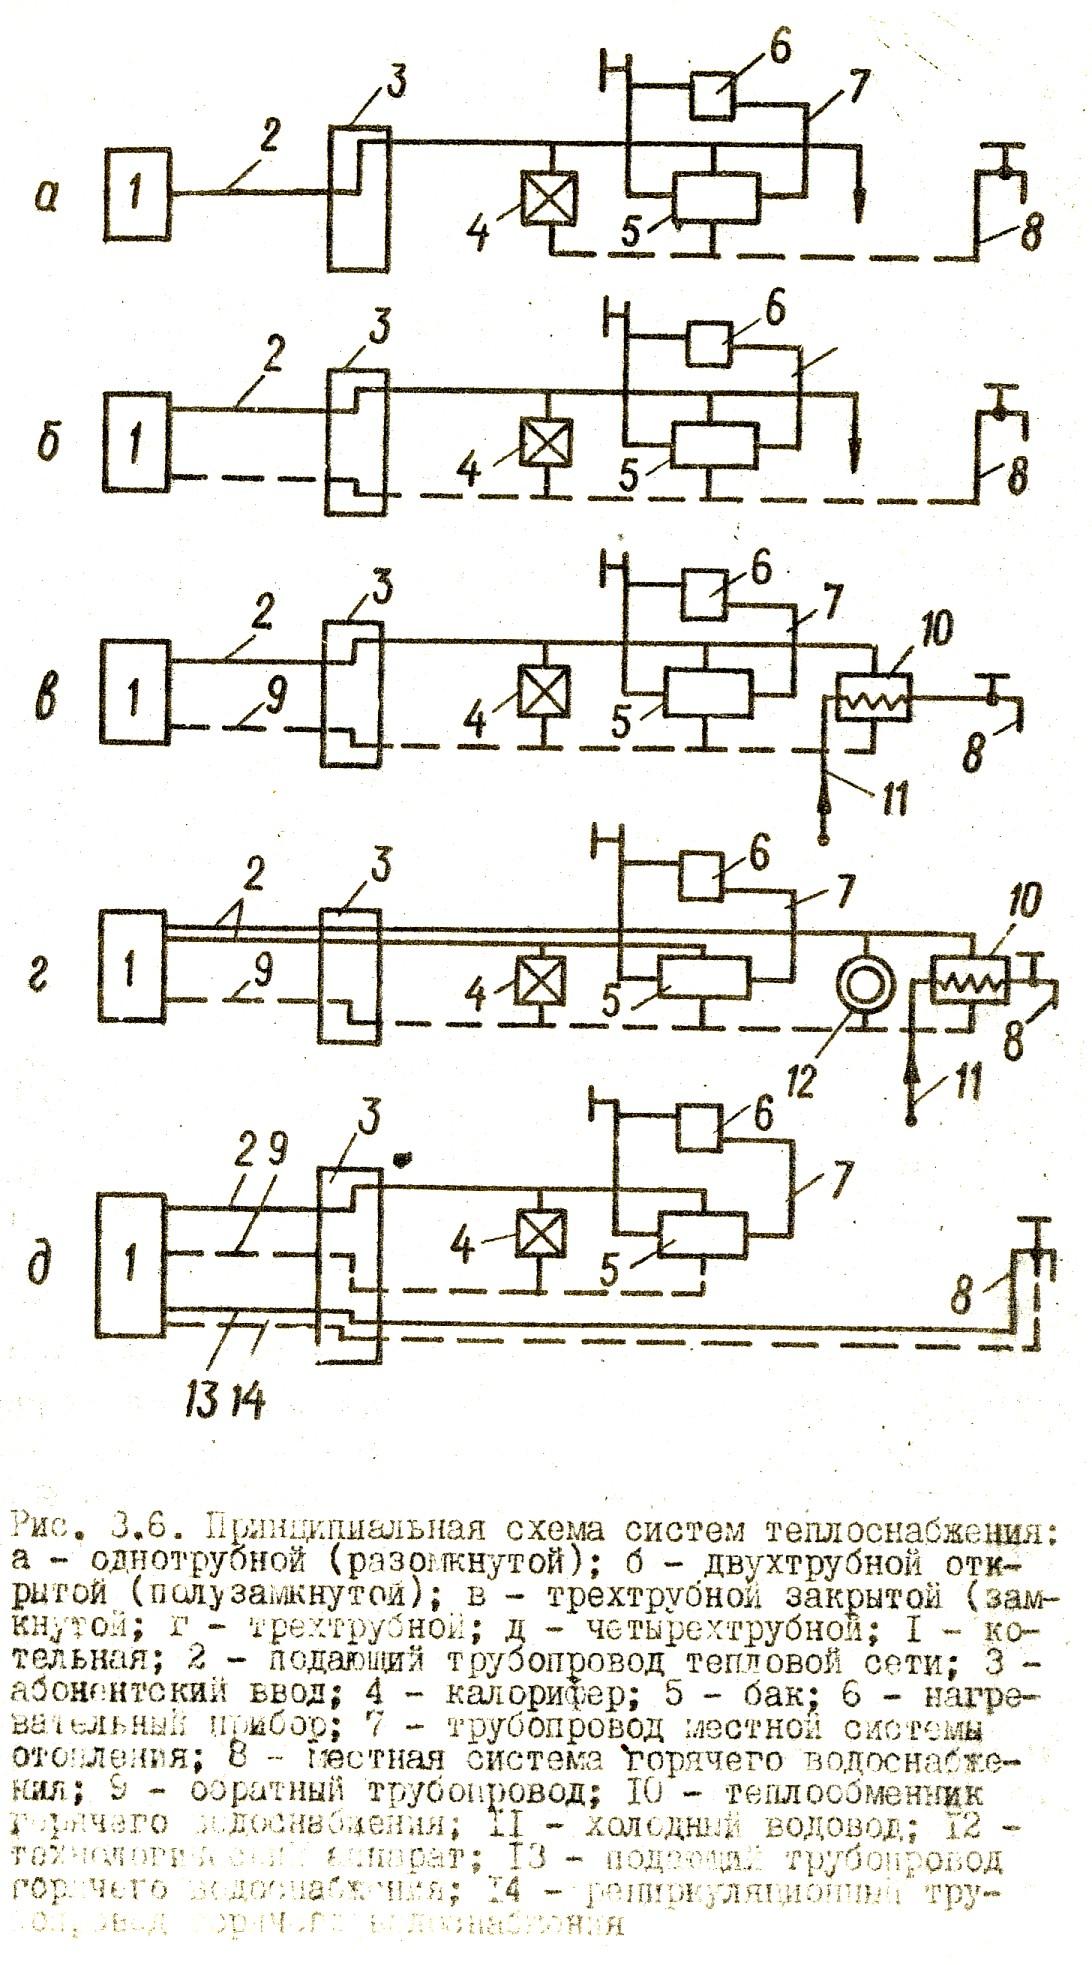 Закрытая схема горячего водоснабжения фото 38